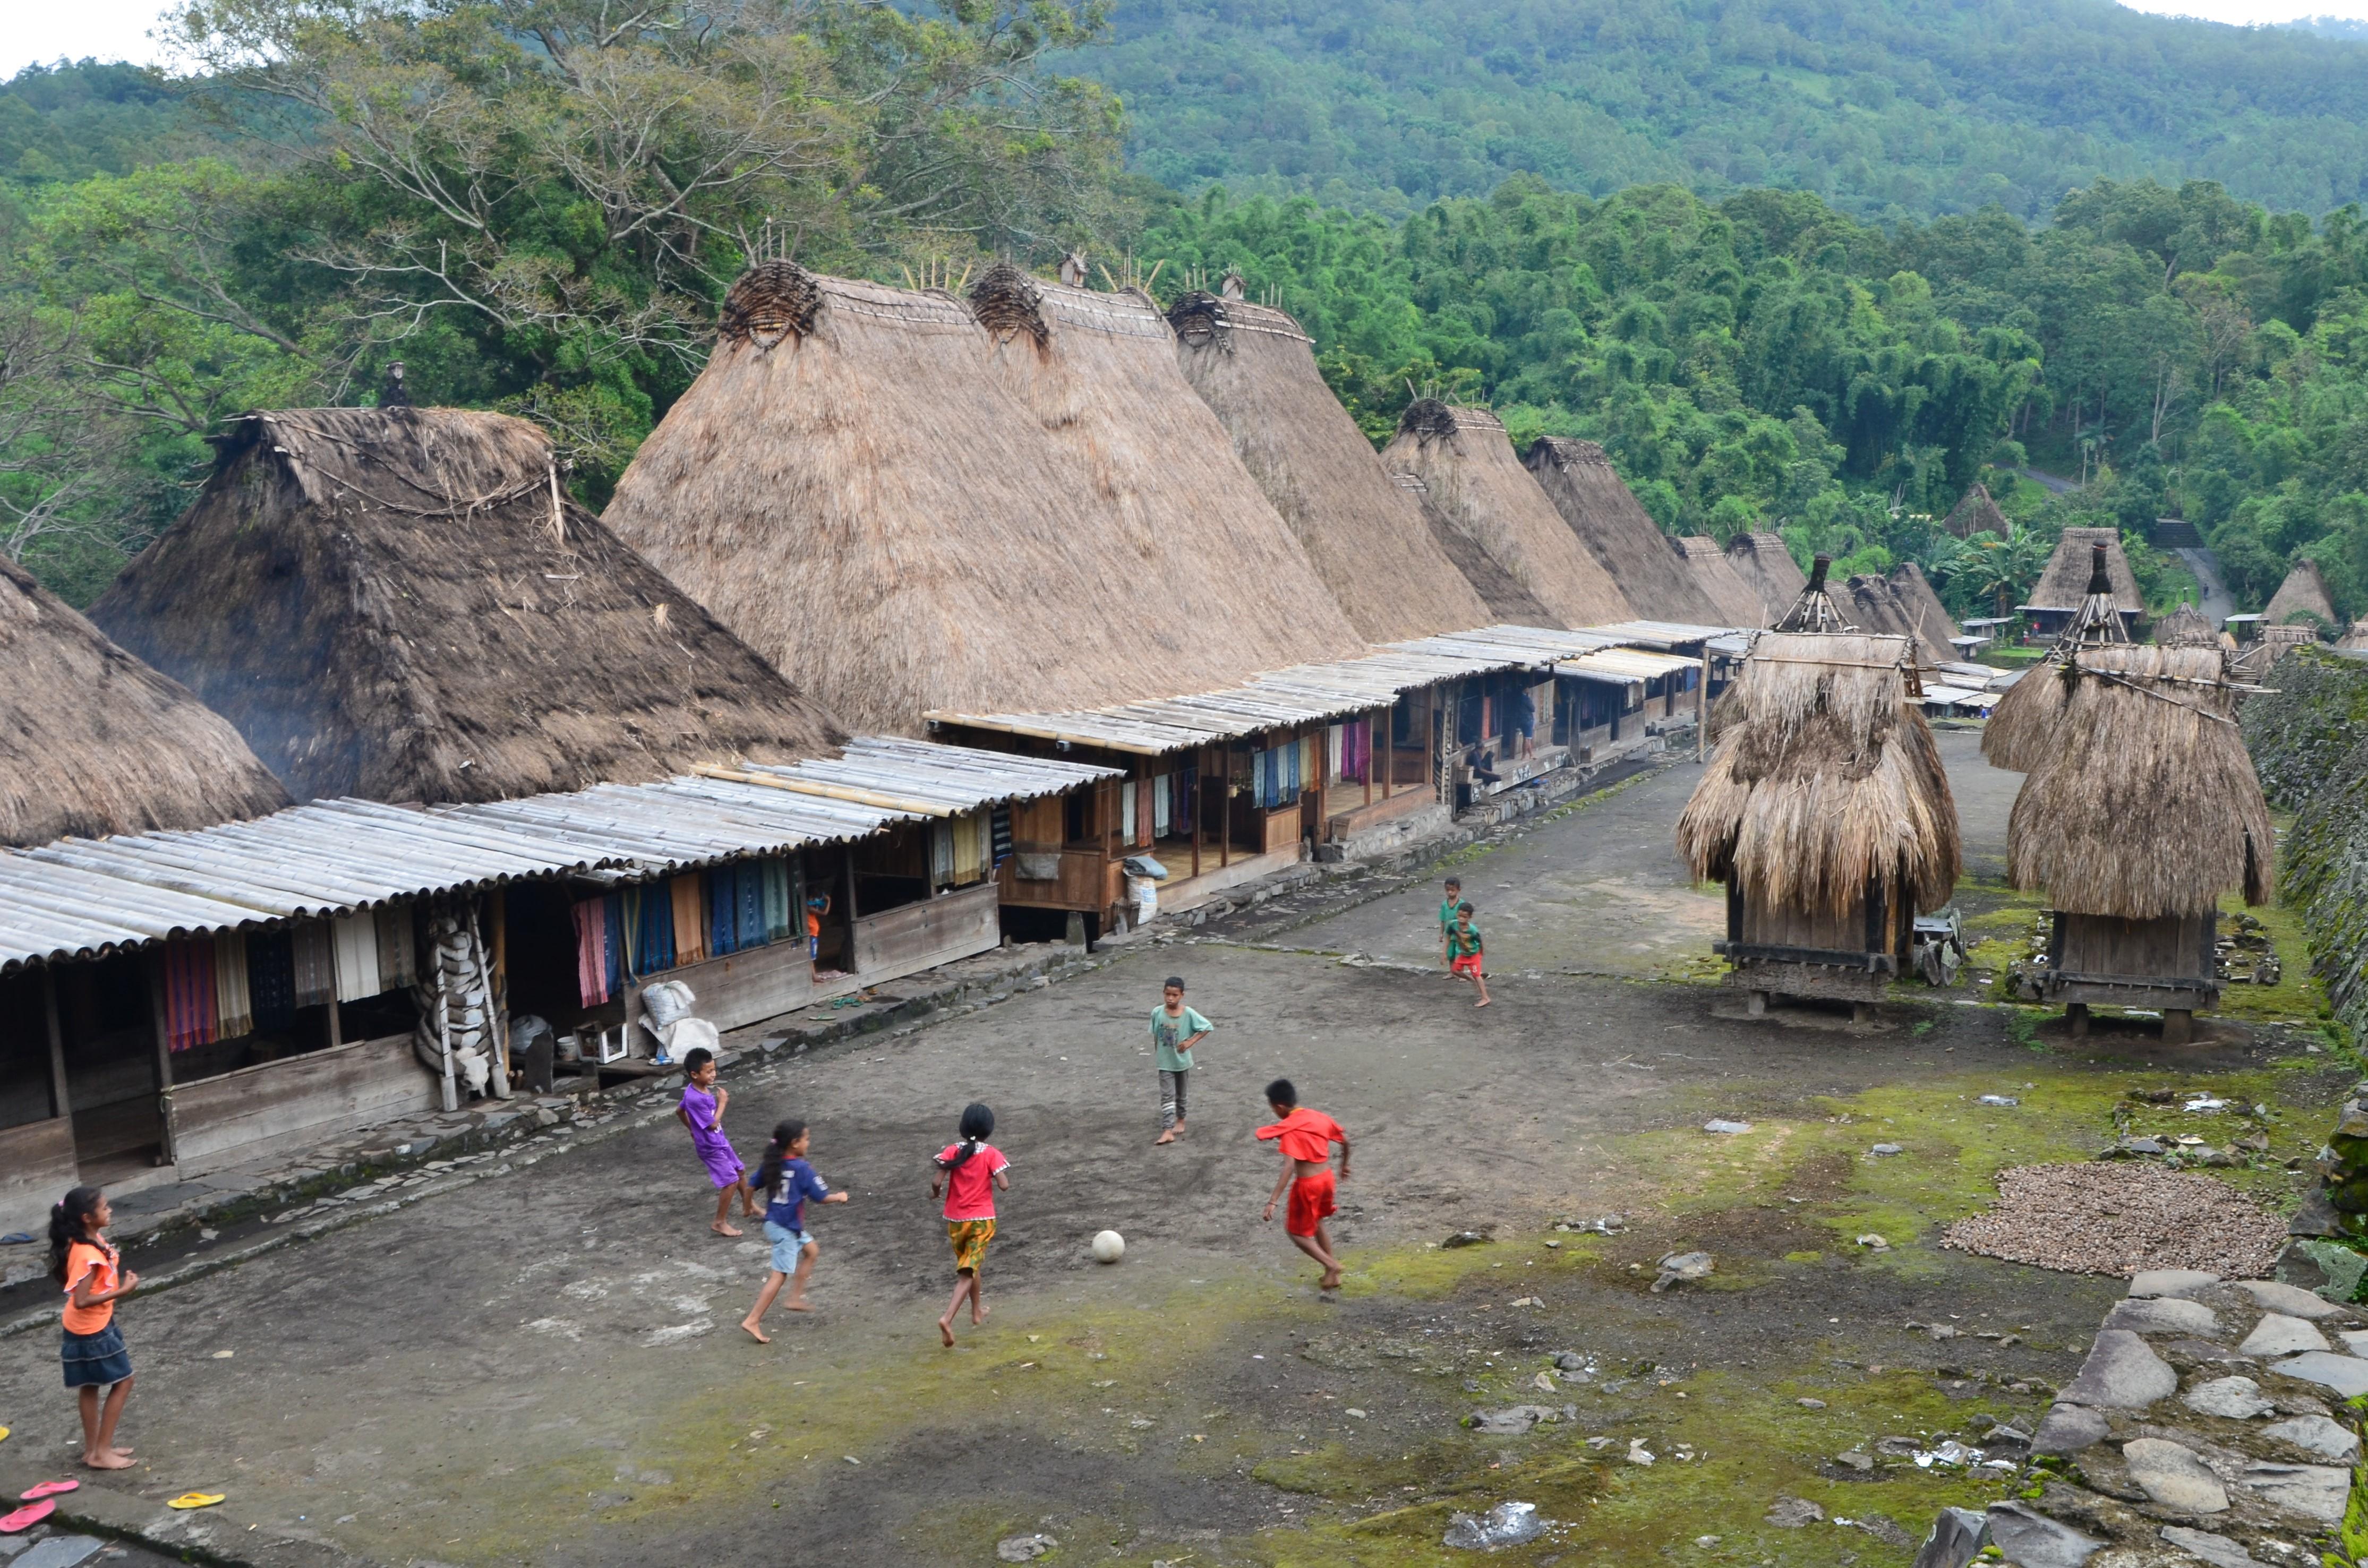 Остров Флорес в Индонезии: хоббиты, бетель и жертвоприношения.Вокруг Света. Украина